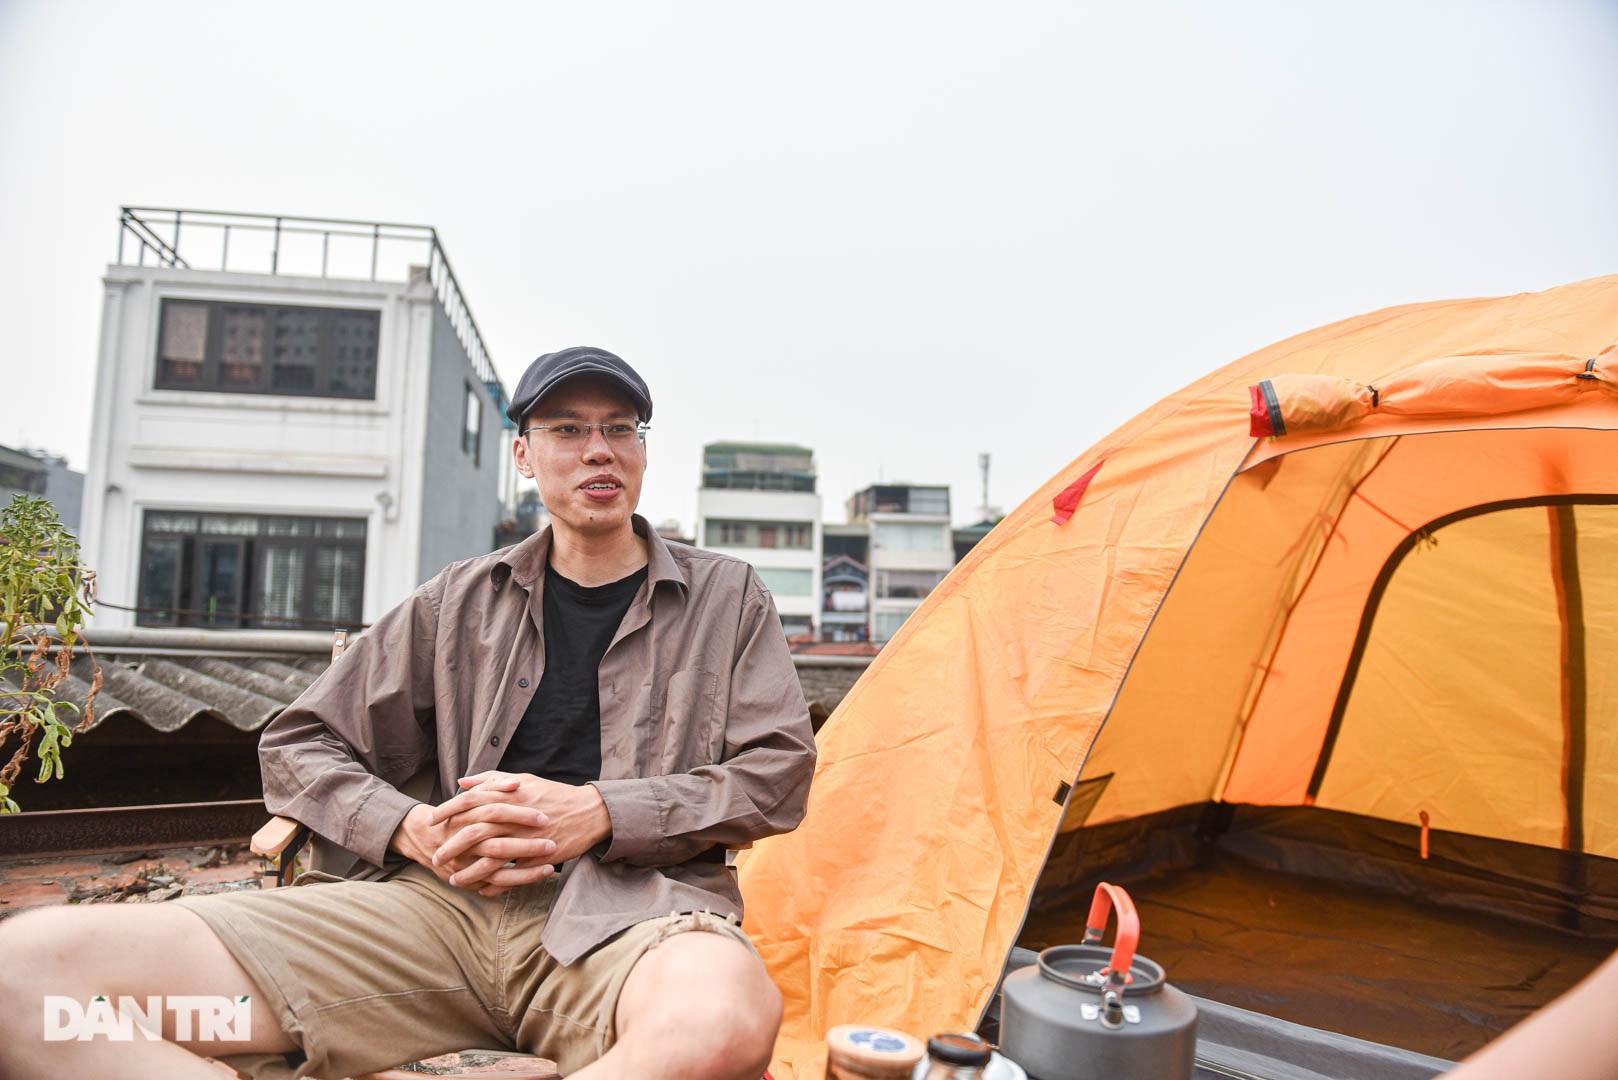 Thèm du lịch, giới trẻ đầu tư cắm trại tại gia: Chỉ ngắm nóc nhà vẫn vui - 2